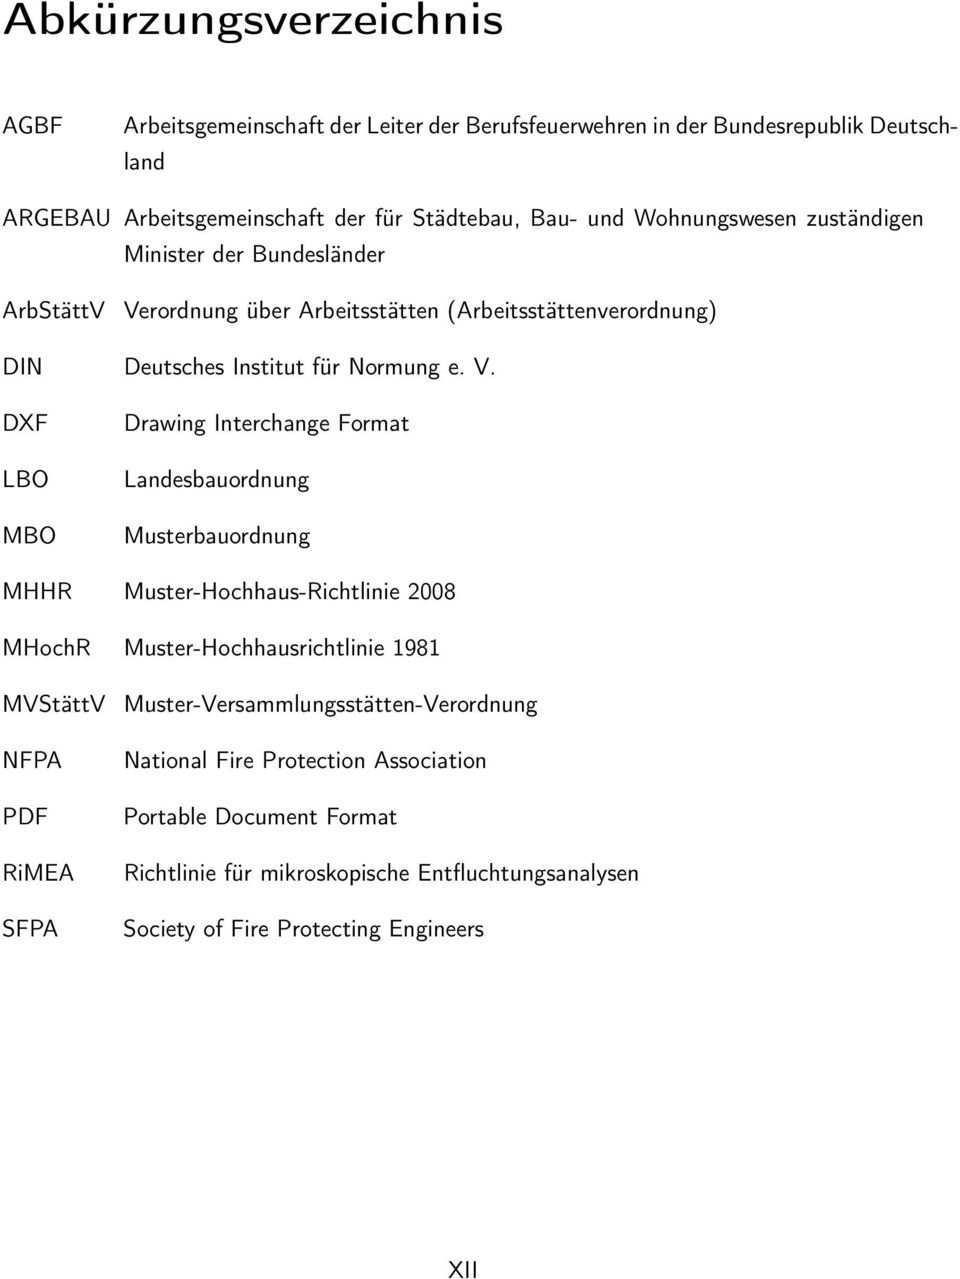 Evakuierung Von Hochhausern Im Gefahrenfall Grundlagen Und Systematik Optimierung Unter Zuhilfenahme Gebaudetechnischer Anlagen Pdf Kostenfreier Download